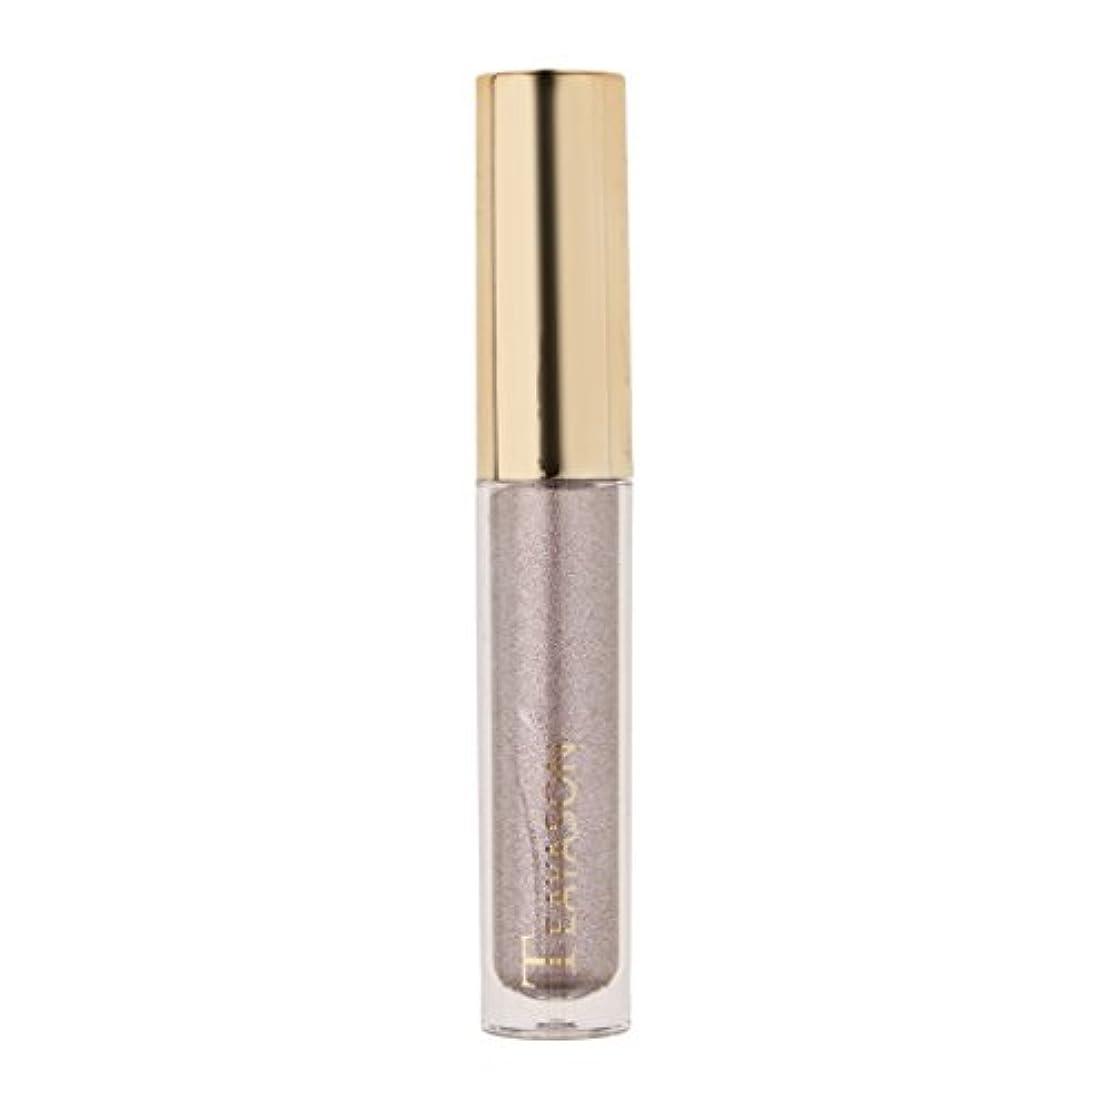 どっち母性タワー8色液体アイシャドーキラキラシマー化粧品顔料長期持続性 - 6#